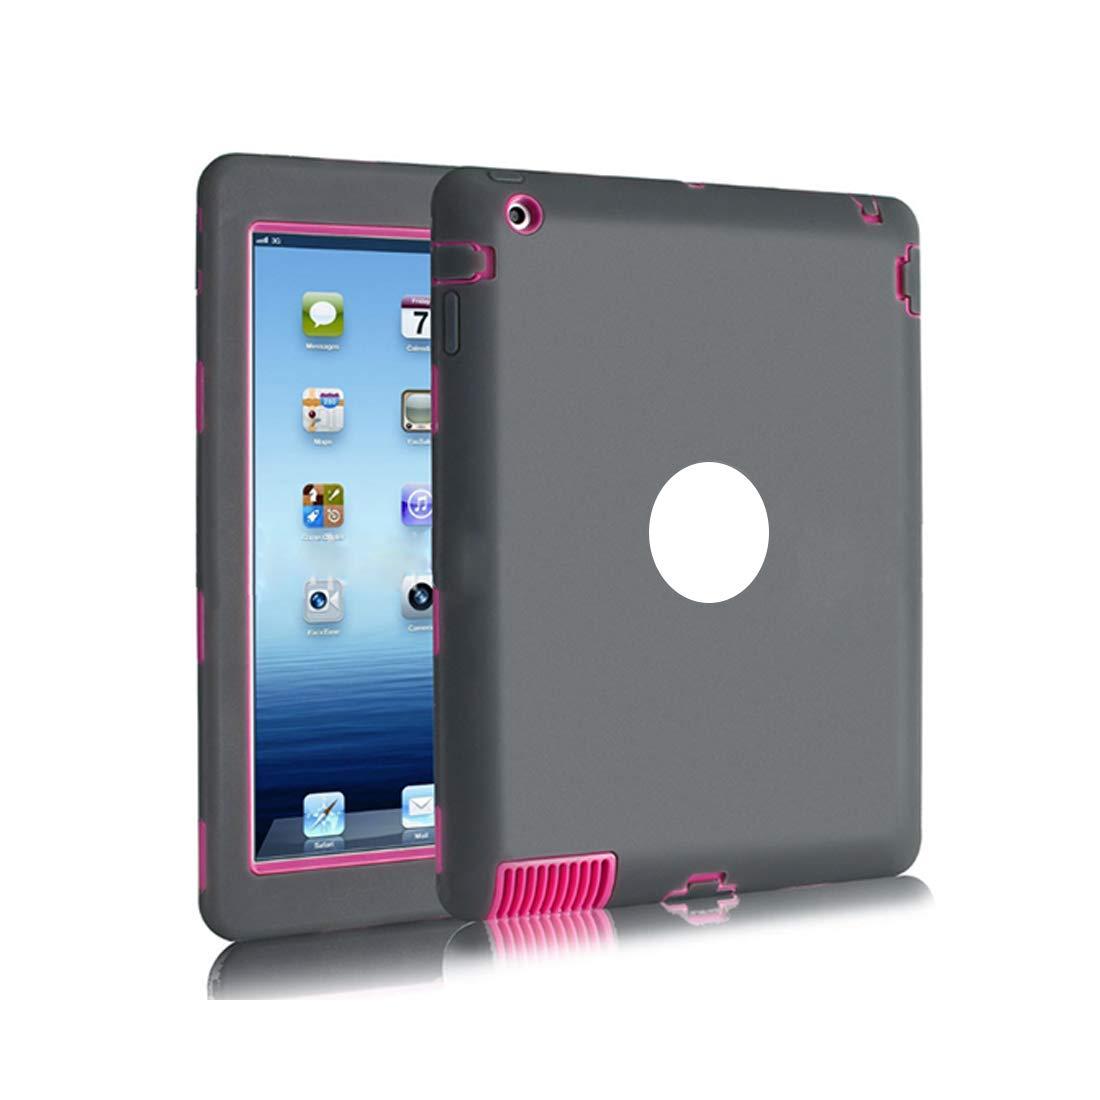 激安特価  KRPENRIO iPad 234ケース スリム耐衝撃シリコン保護ケースカバー 9.7-ネイビーブルー/グリーン 234ケース iPad/レッド (カラー:ダークグレー、サイズ:Ipad234) KRPENRIO B07L8D1VR2, カメラ虎の穴:68a10653 --- a0267596.xsph.ru